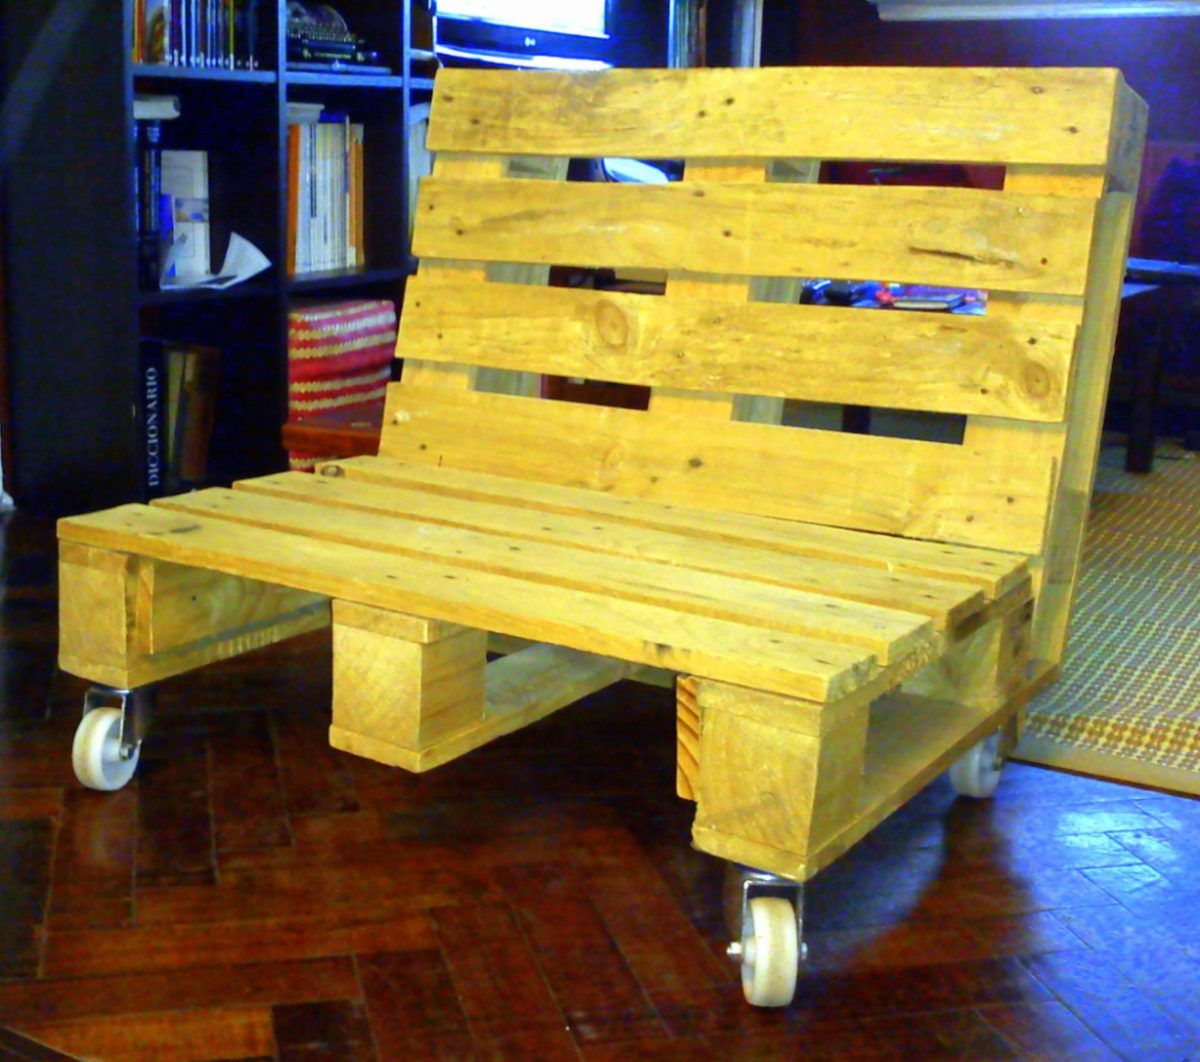 Sillon en madera de palet con ruedas arquitectura y dise o pinterest madera muebles y - Reciclaje de pales ...